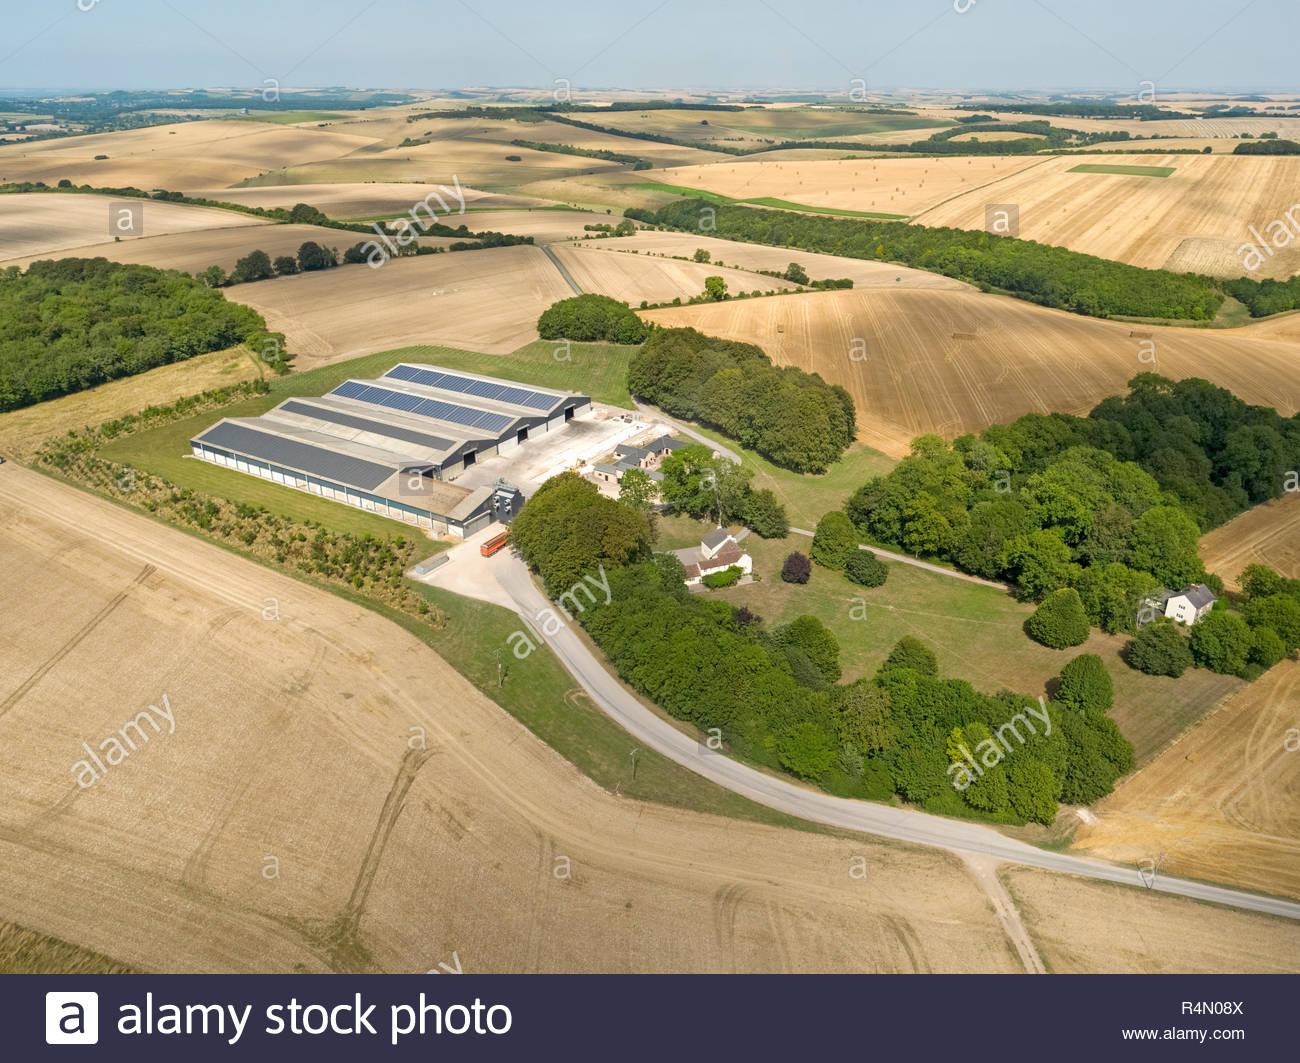 Antenne Landschaft von landwirtschaftlichen Gebäuden und im Sommer geernteten Weizen und Gerste Felder Stockfoto